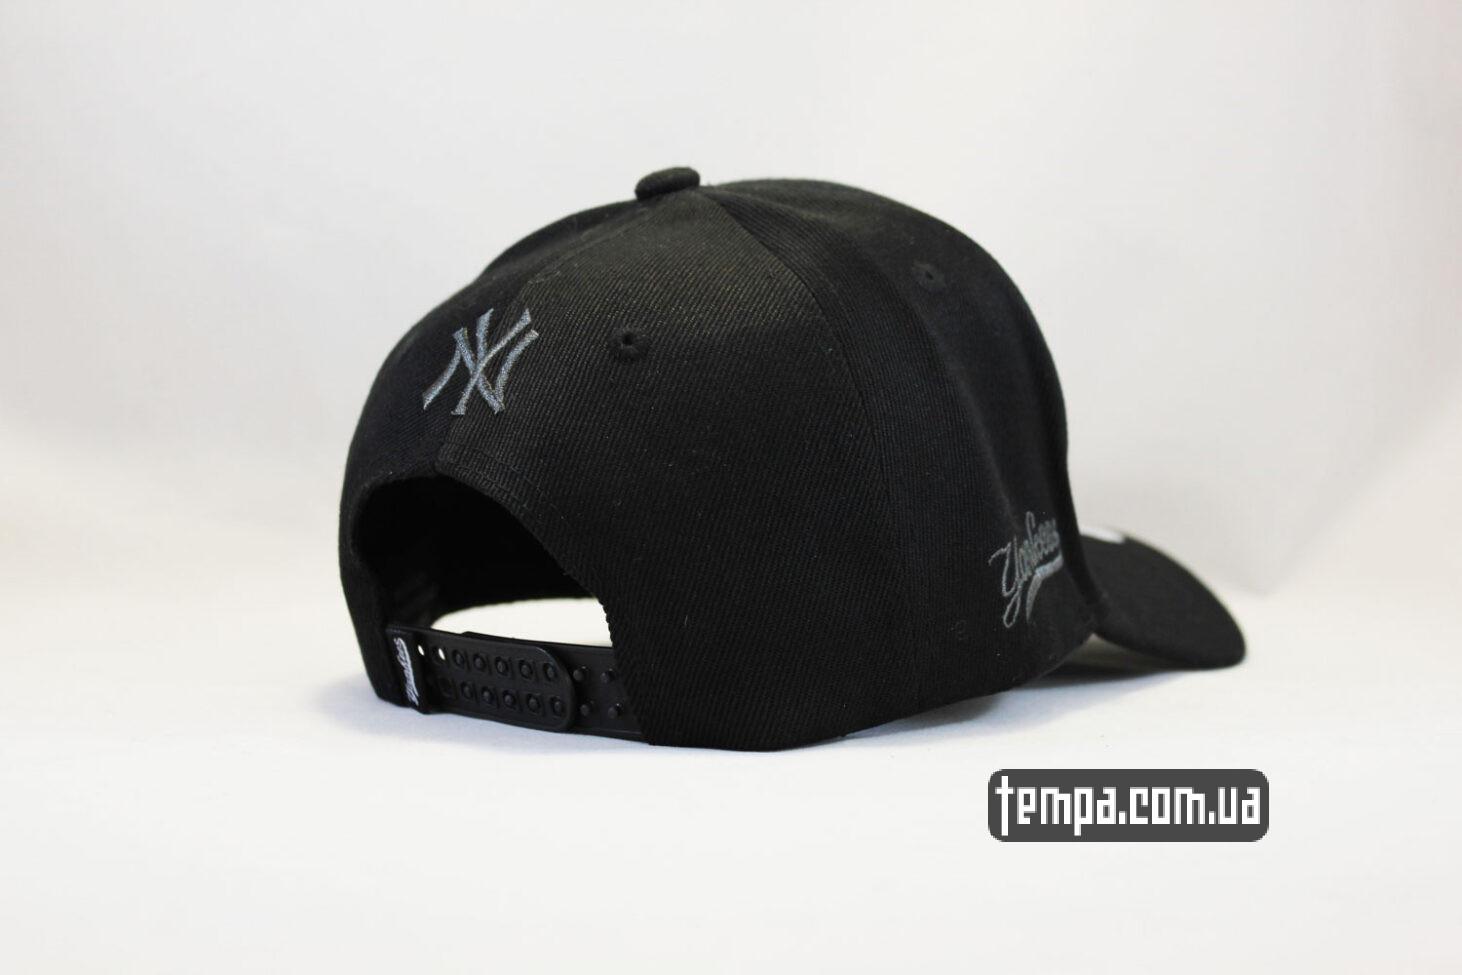 New Era магазин кепка бейсболка yankees NEW ERA New York черная с черным логотипом